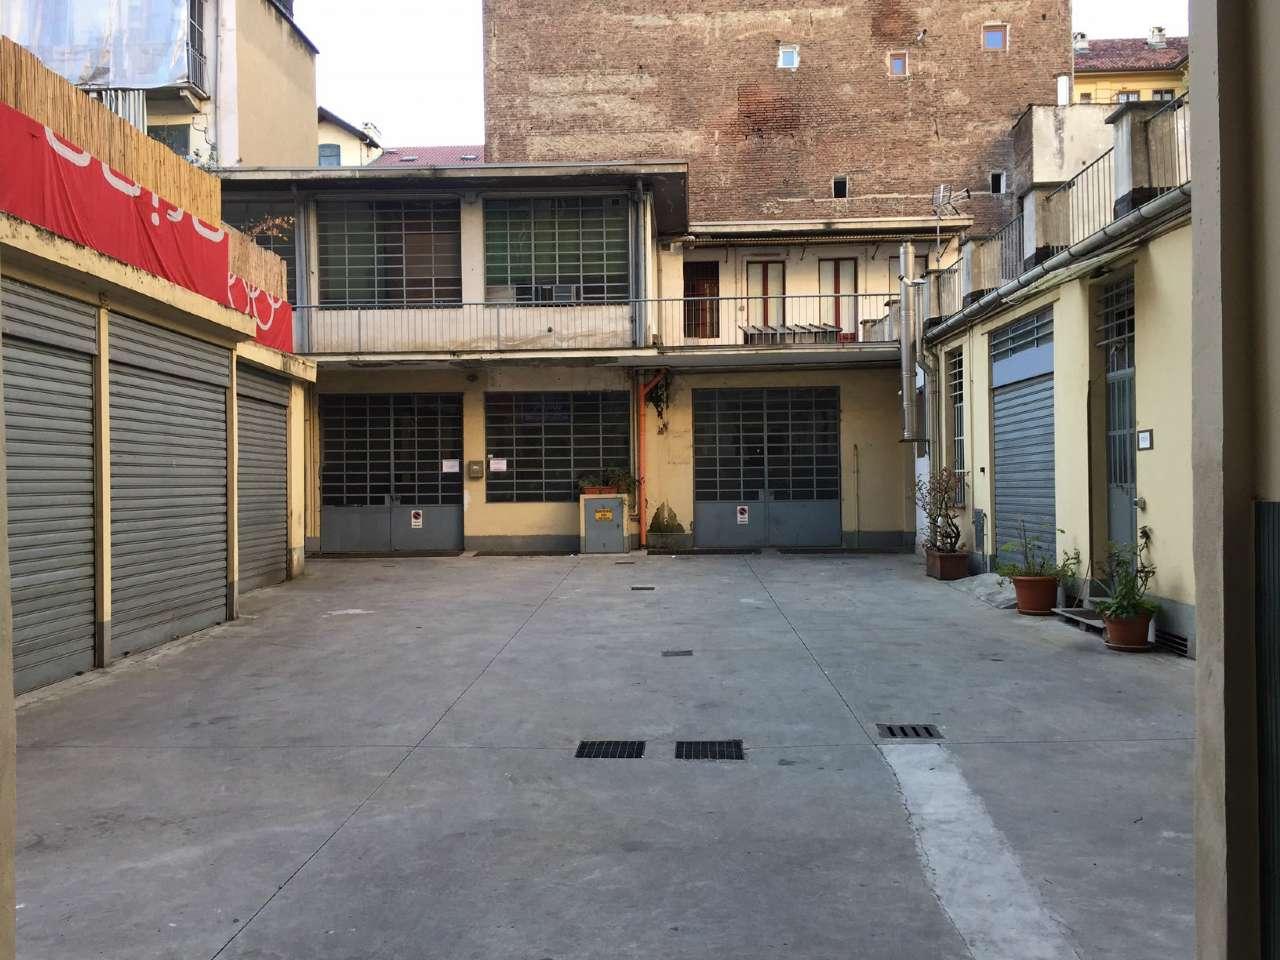 Palazzo / Stabile in vendita a Torino, 9999 locali, zona Zona: 3 . San Salvario, Parco del Valentino, prezzo € 245.000 | Cambio Casa.it